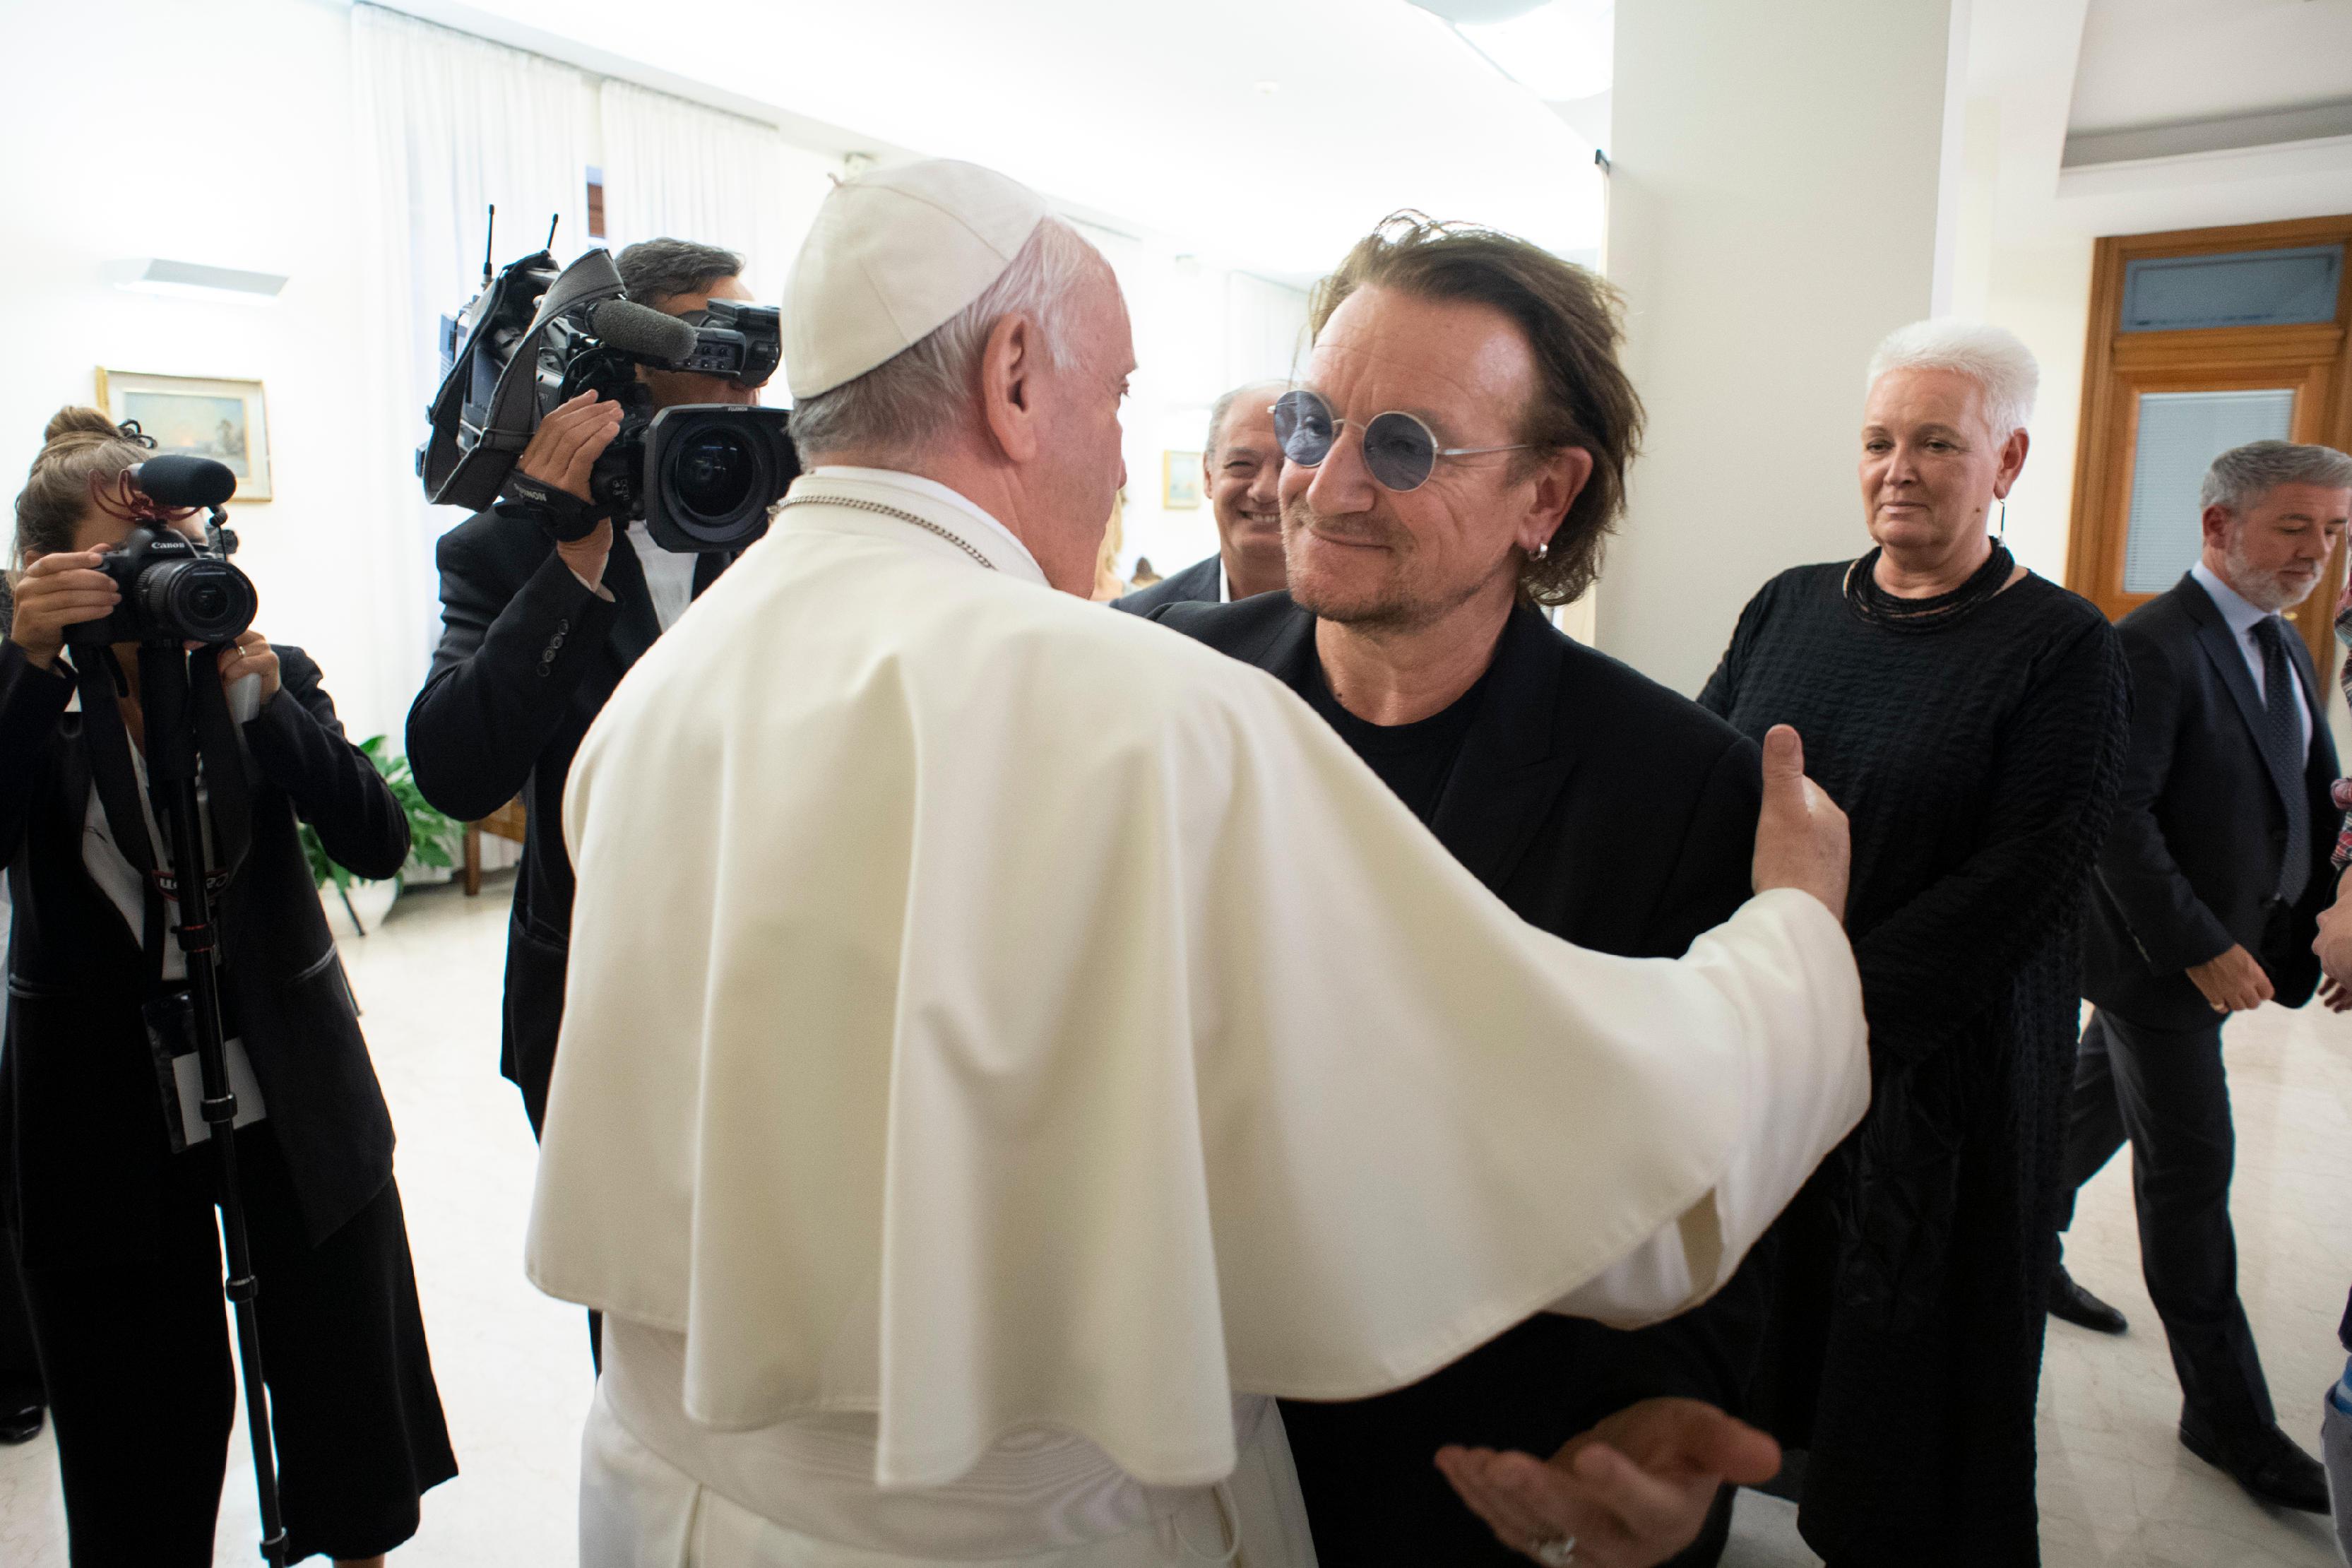 Le pape avec le chanteur Bono de U2 © Vatican Media